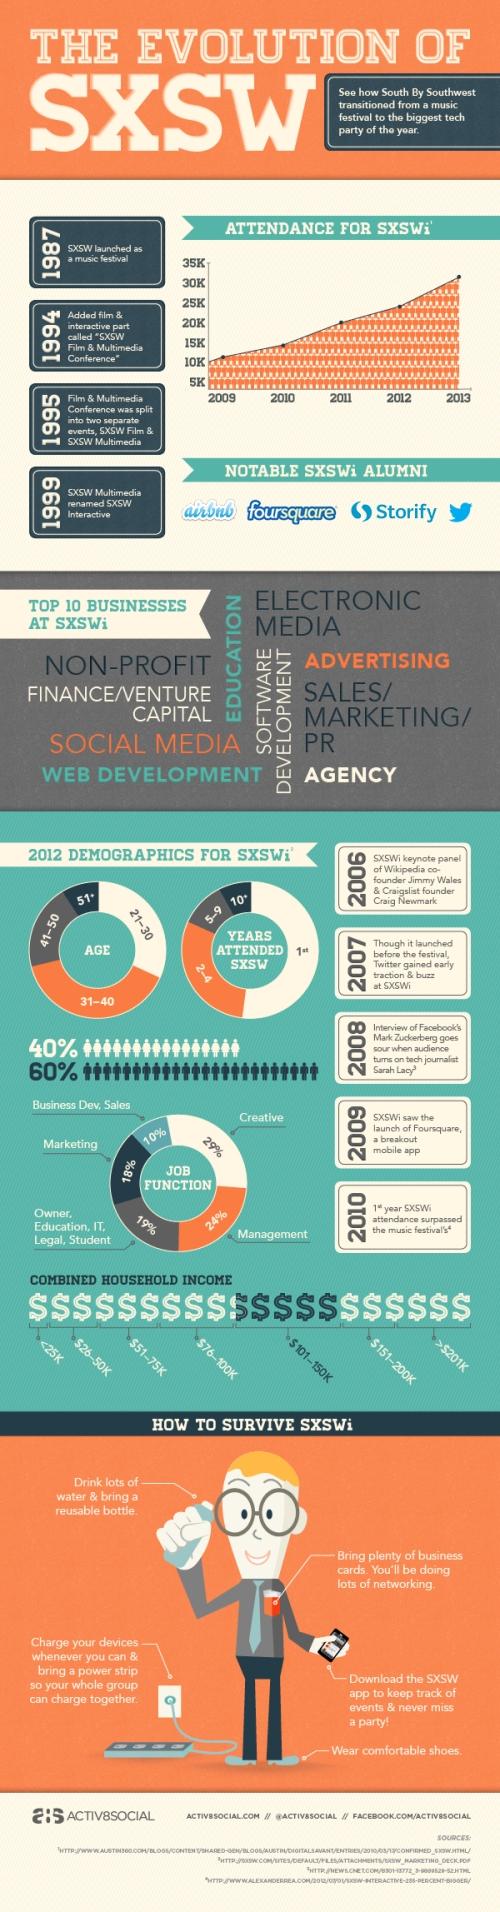 SXSW_infographic_7